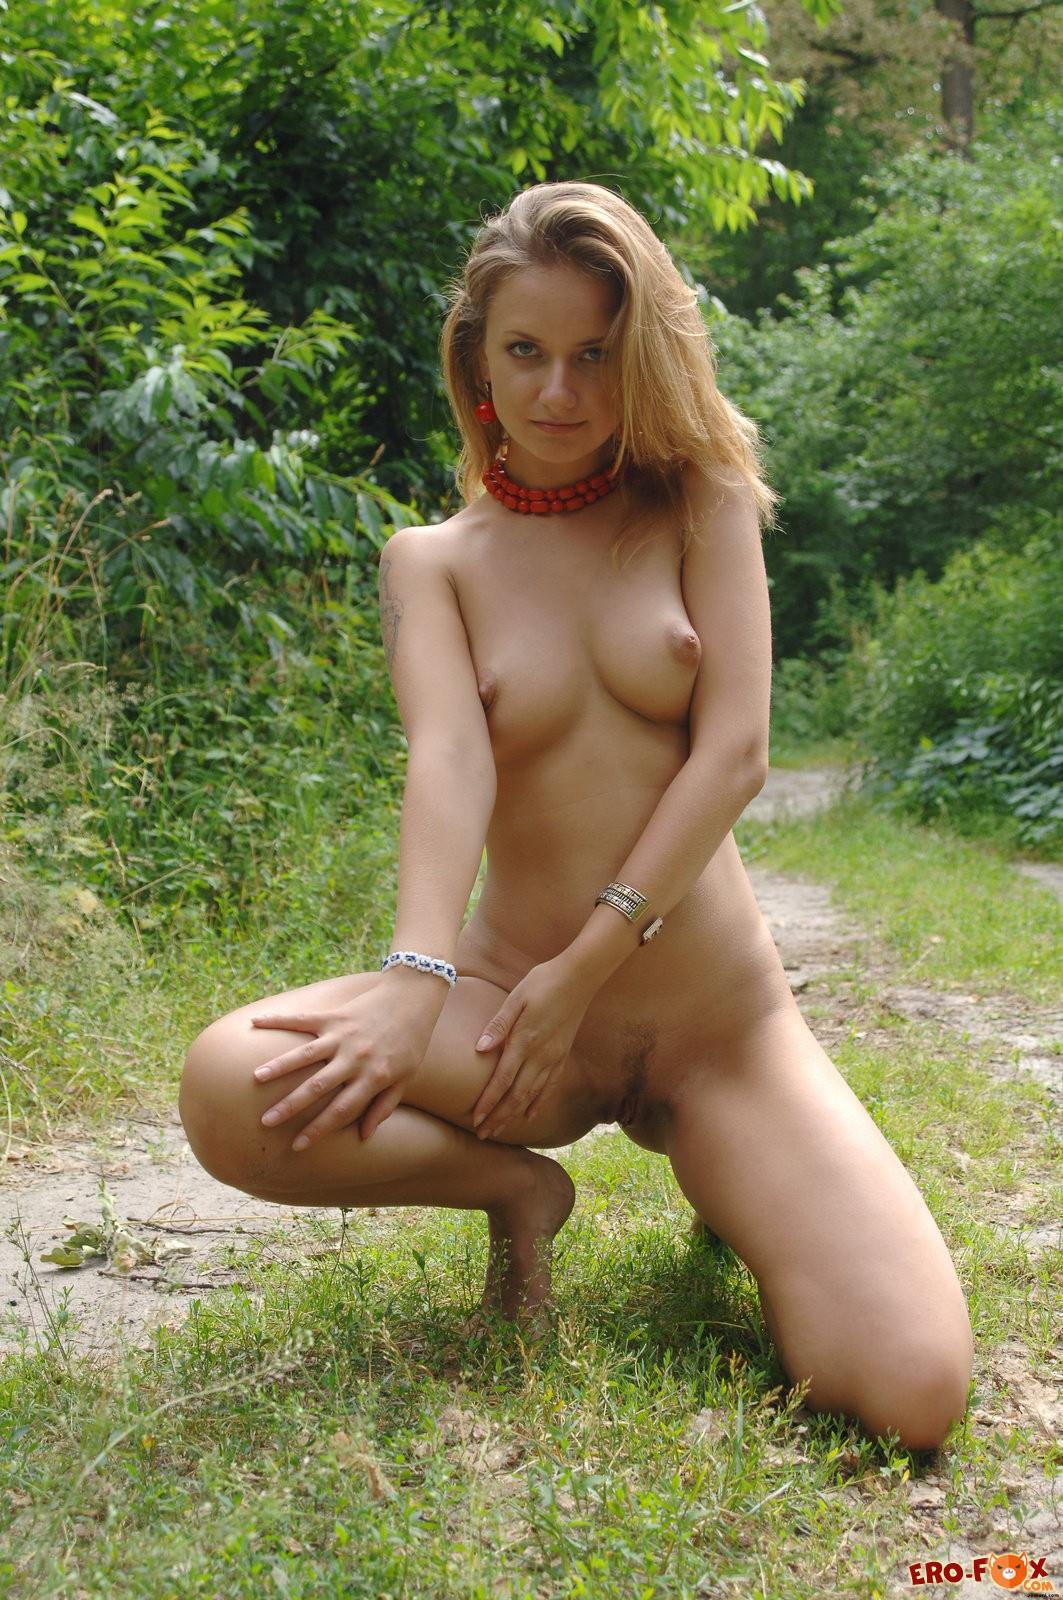 Голая девушка с красивым упругим телом в лесу